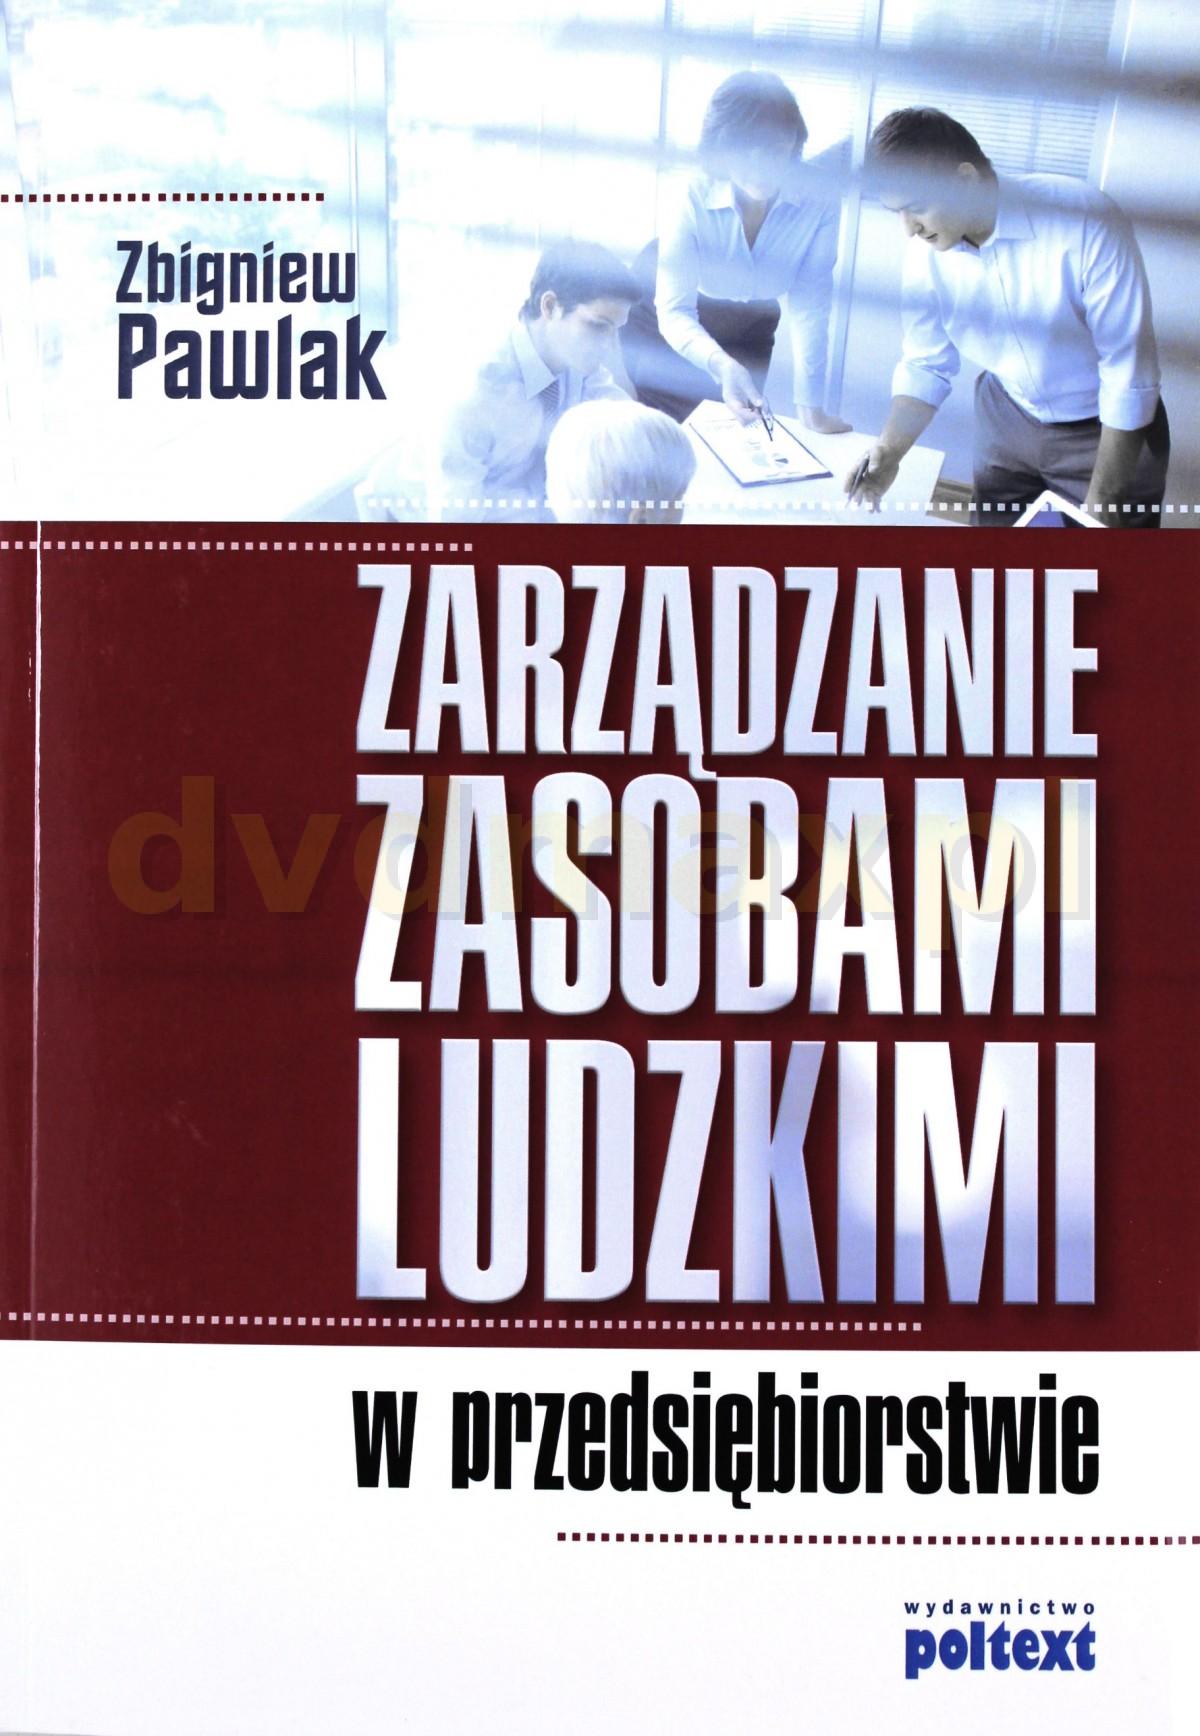 Zarządzanie Zasobami Ludzkimi W Przedsiębiorstwie - Zbigniew Pawlak [KSIĄŻKA] - Zbigniew Pawlak